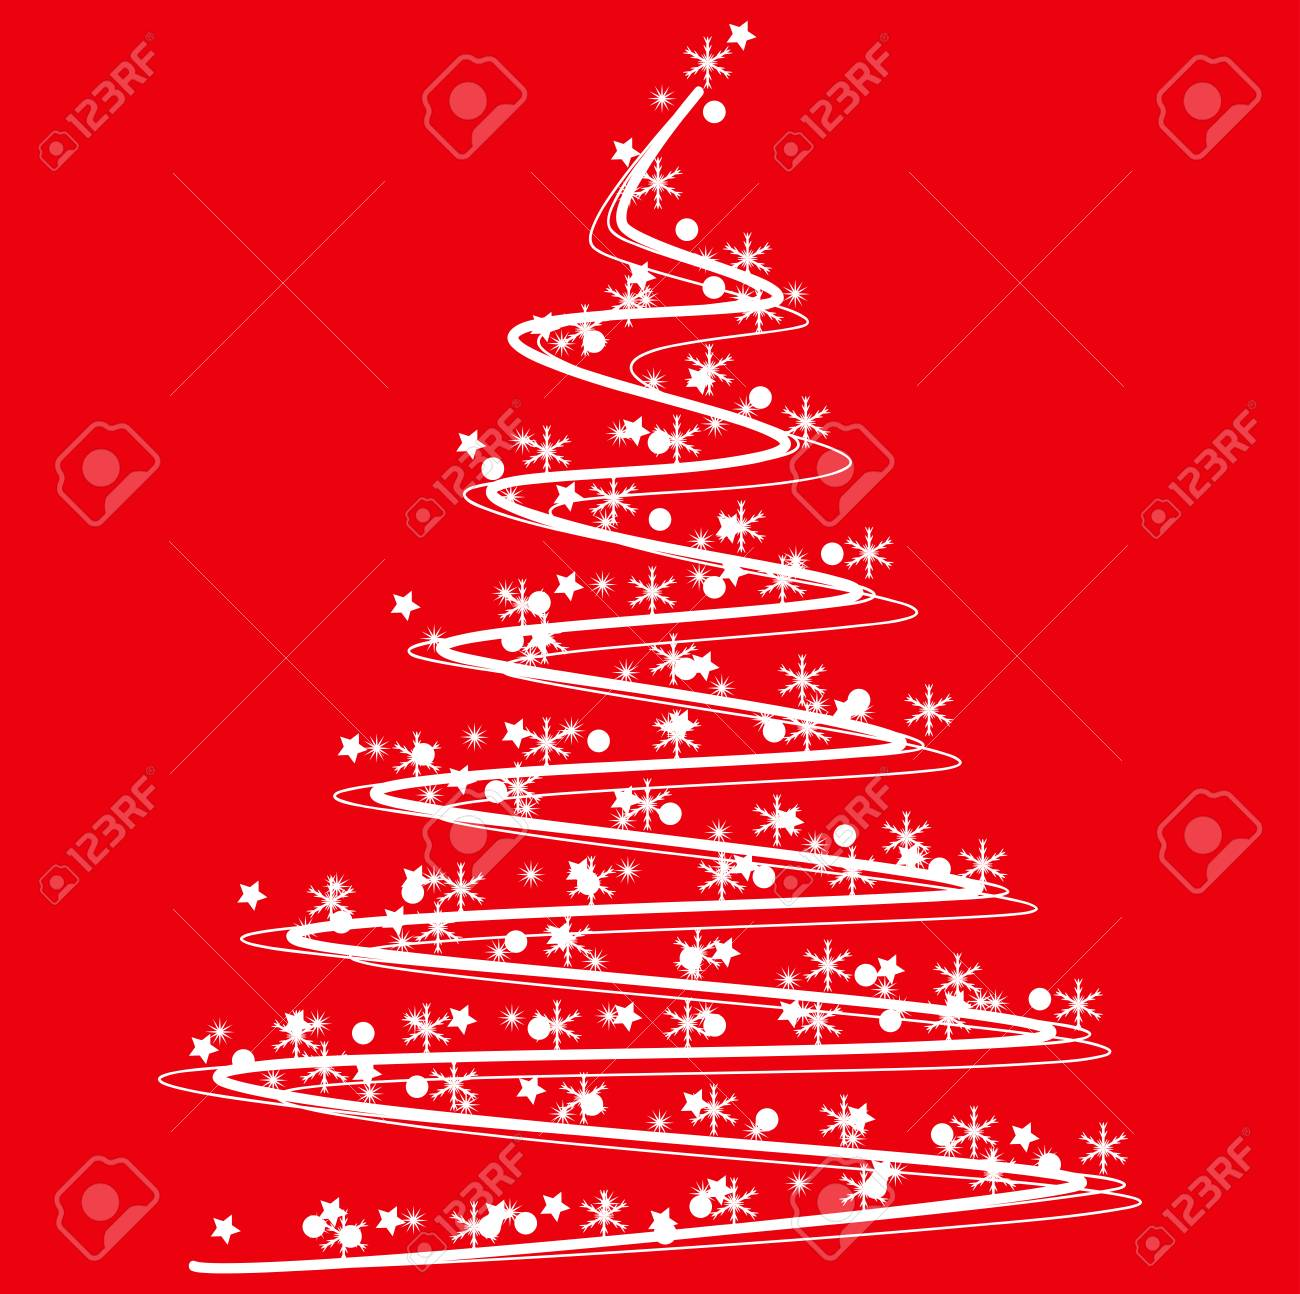 Weihnachtsbaum Rot.Stock Photo